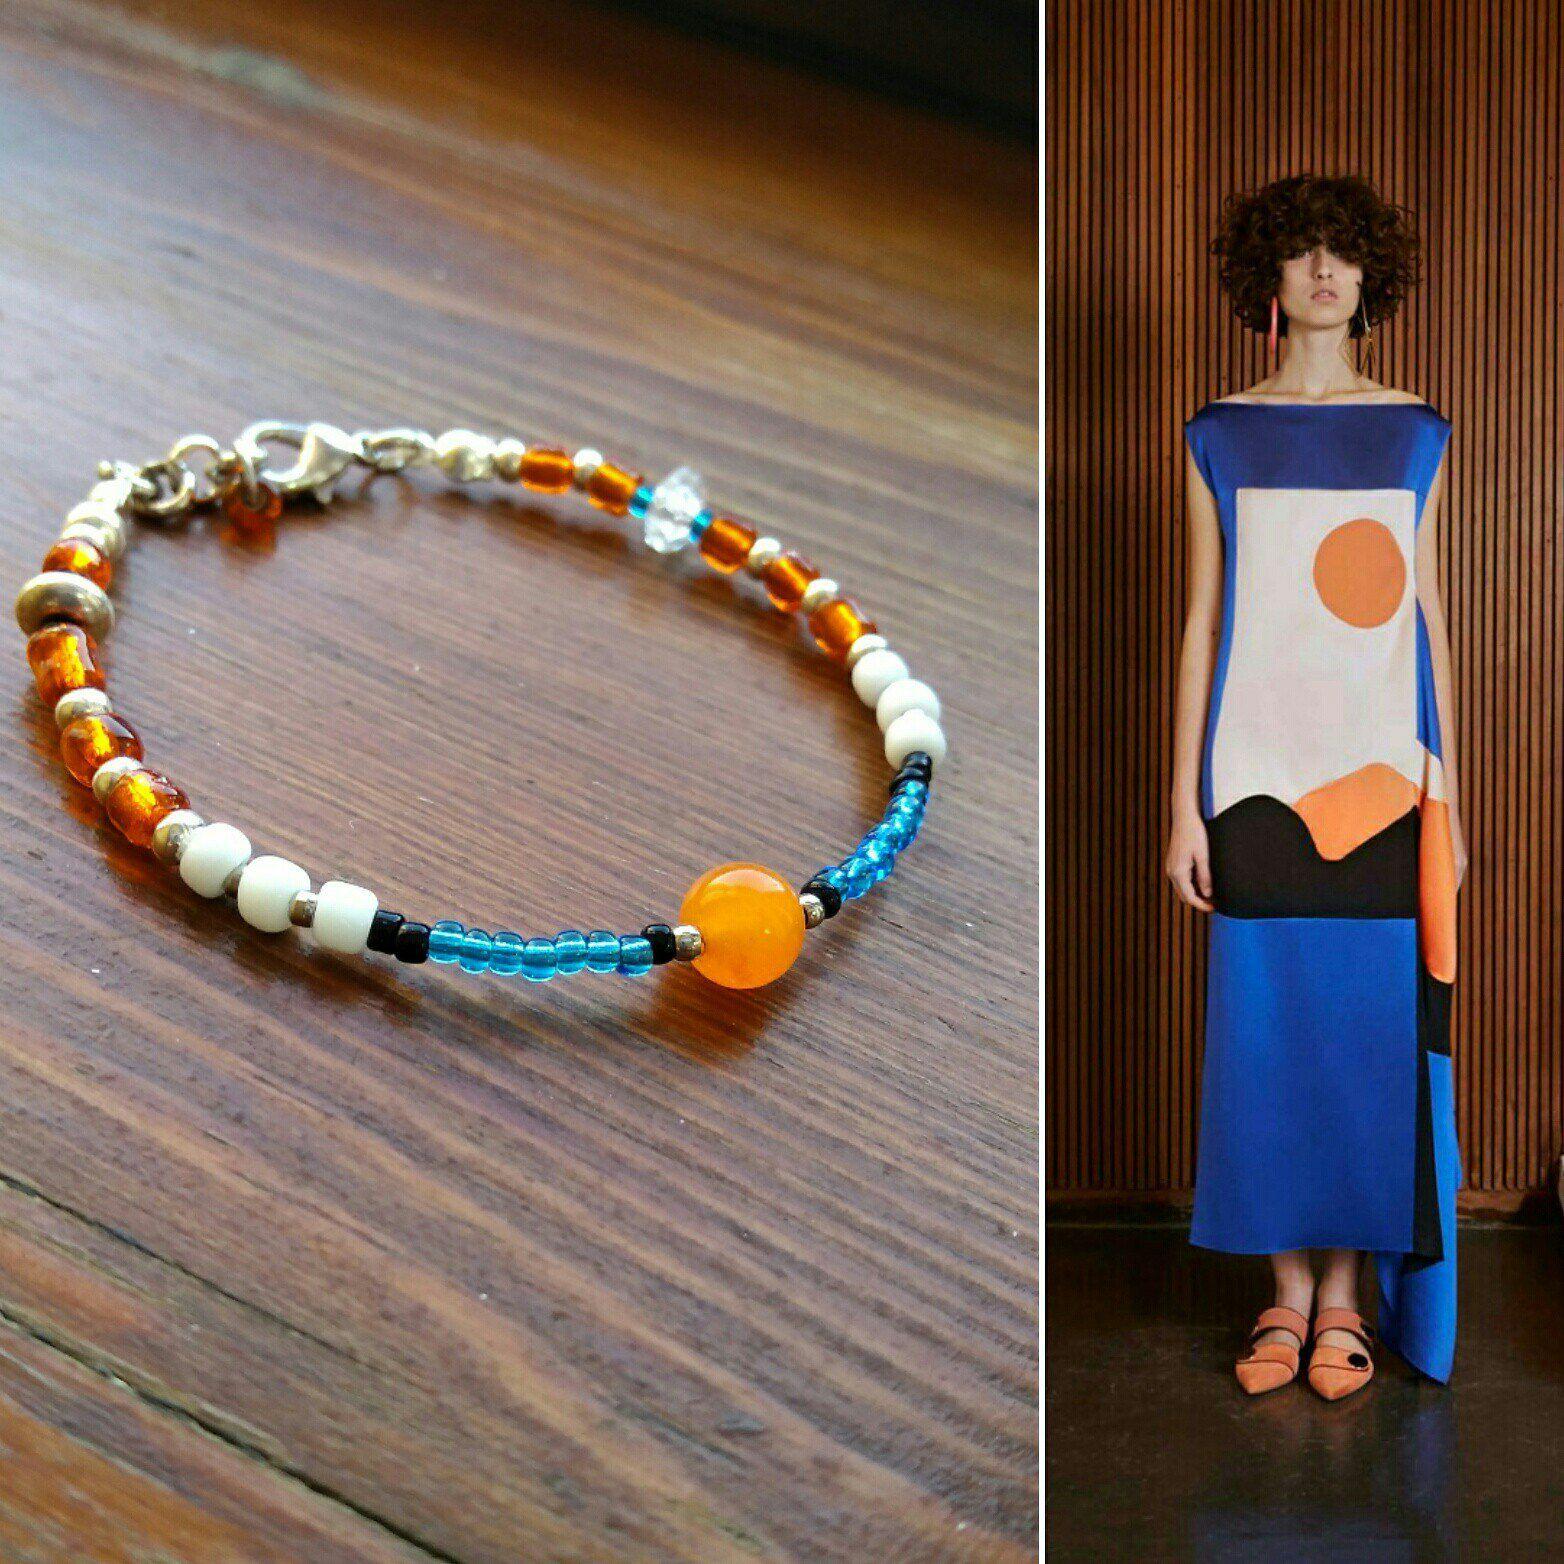 мода бижктерия подарок браслет украшение украшениедлятебя камни handmade аксессуар стильныйаксессуар